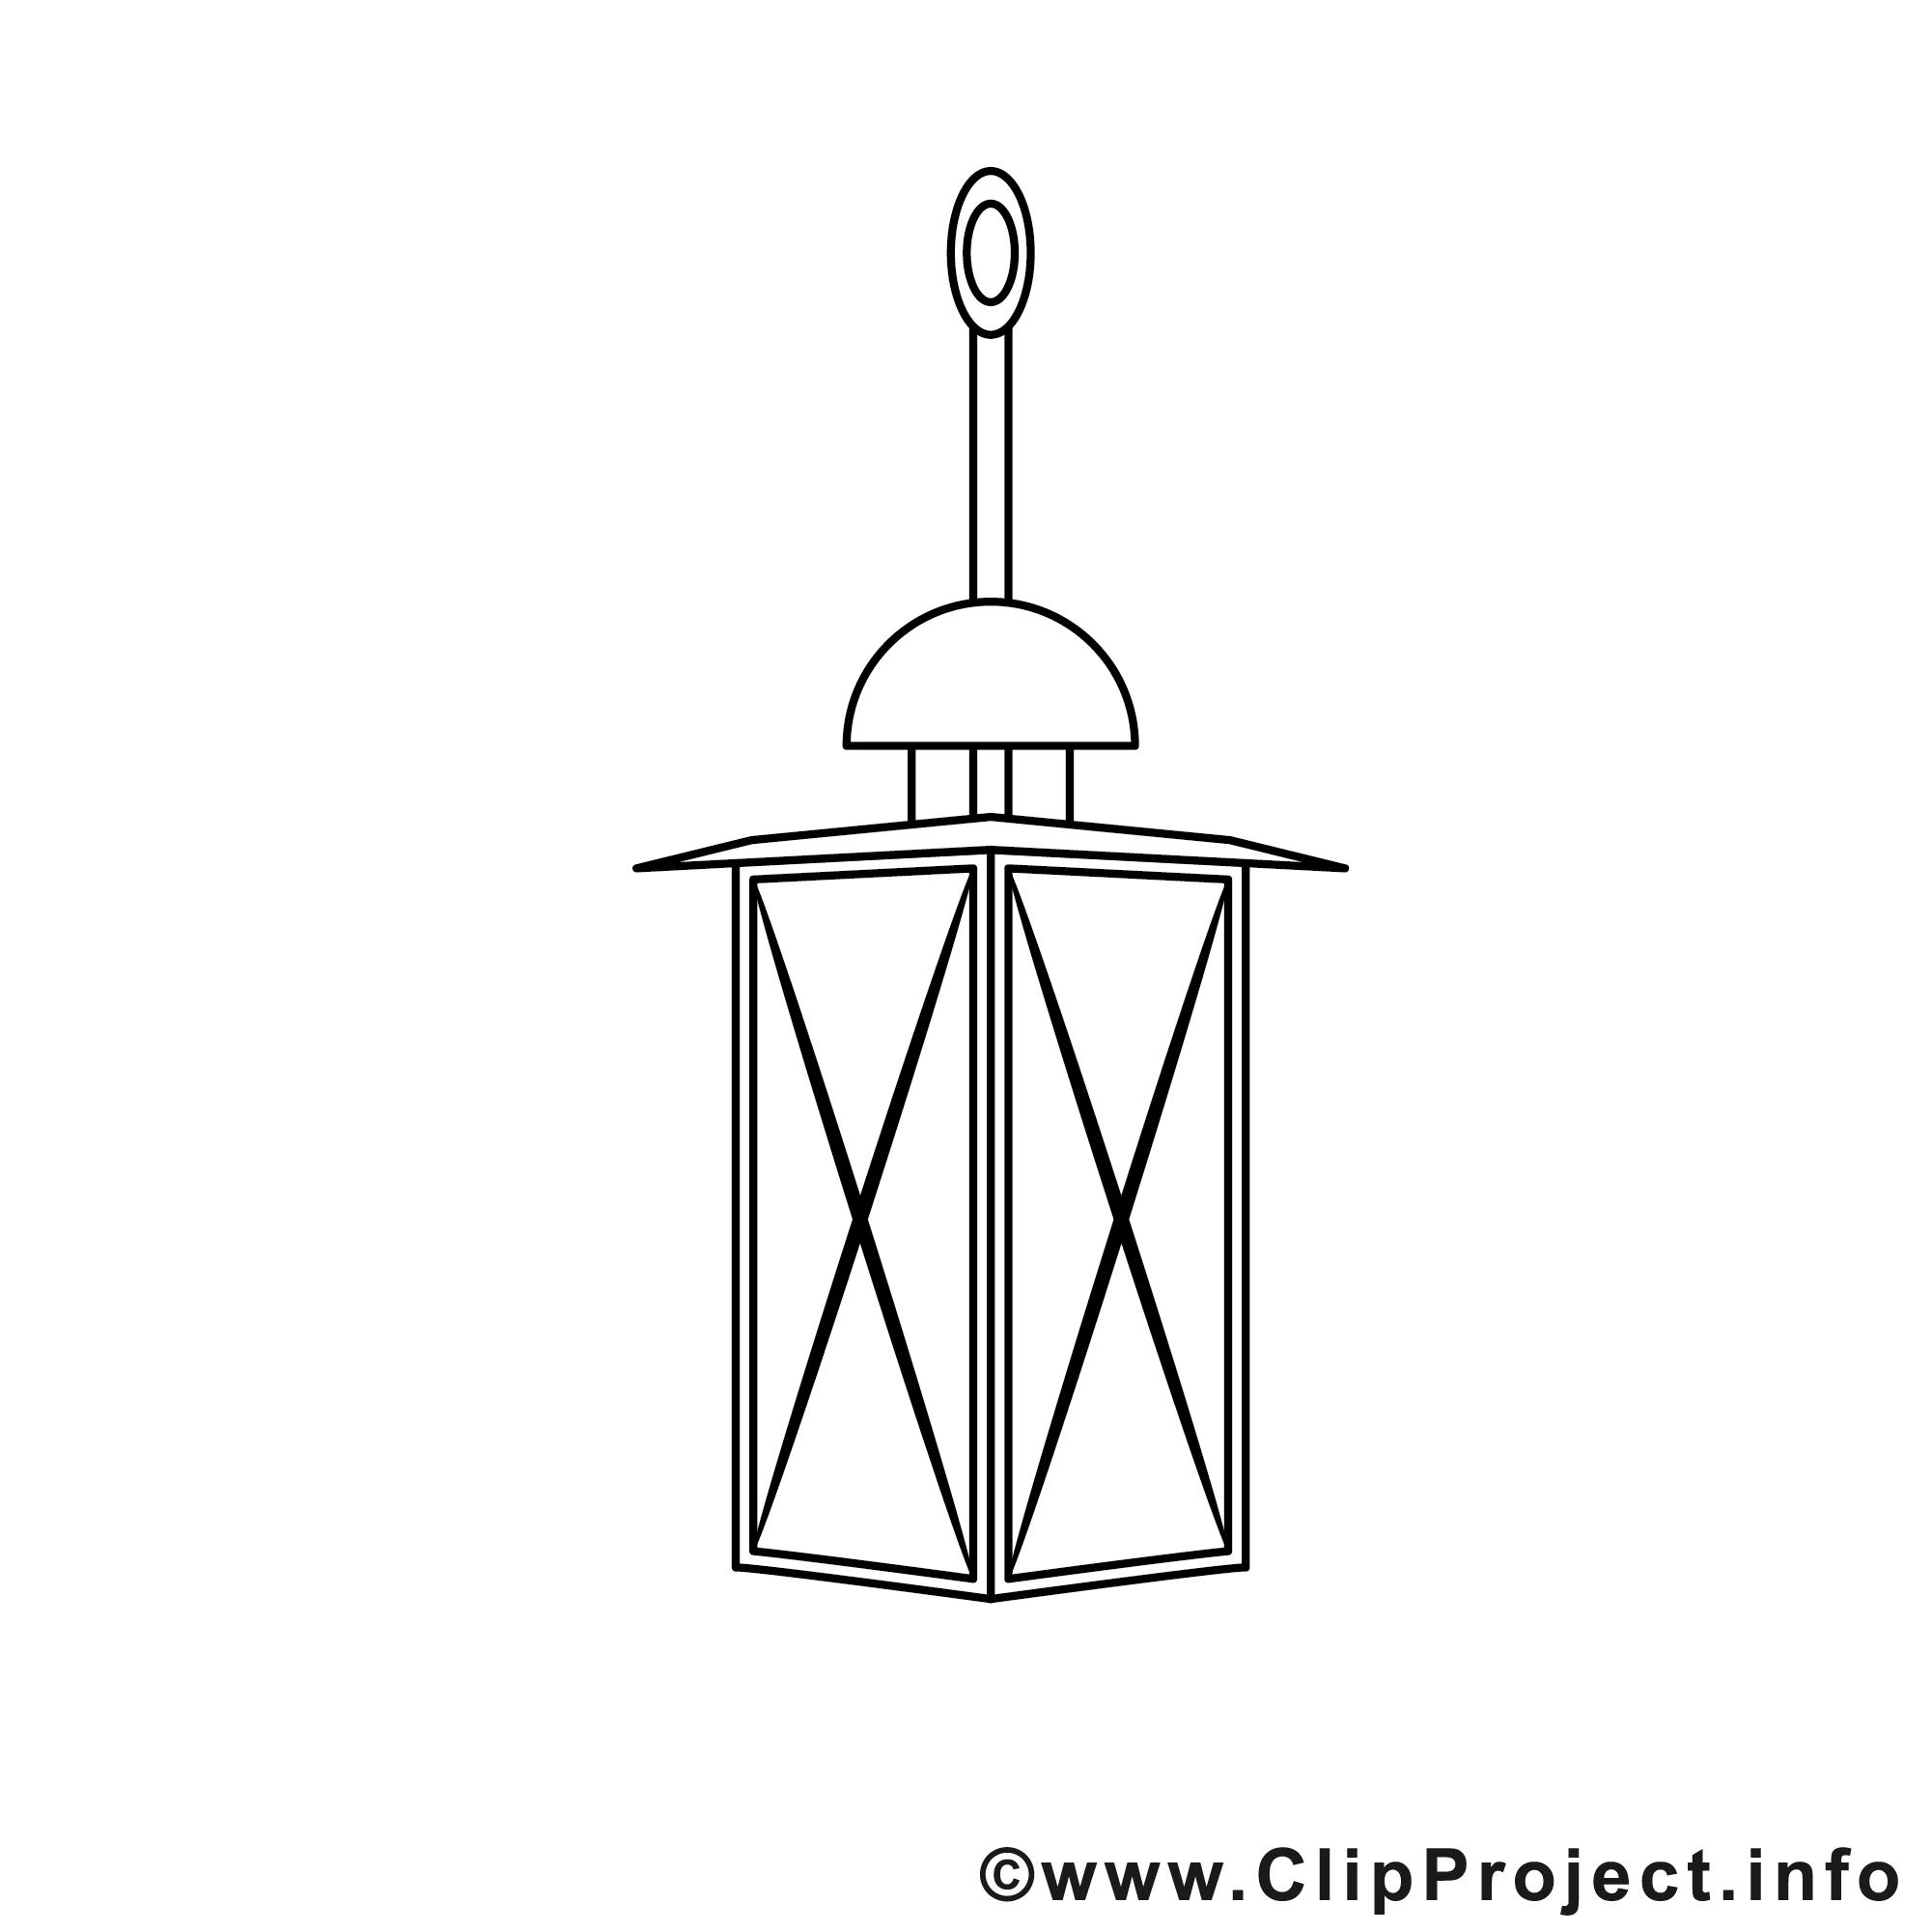 Lanterne dessin coloriage divers t l charger coloriages a imprimer dessin picture image - Coloriage divers a imprimer ...